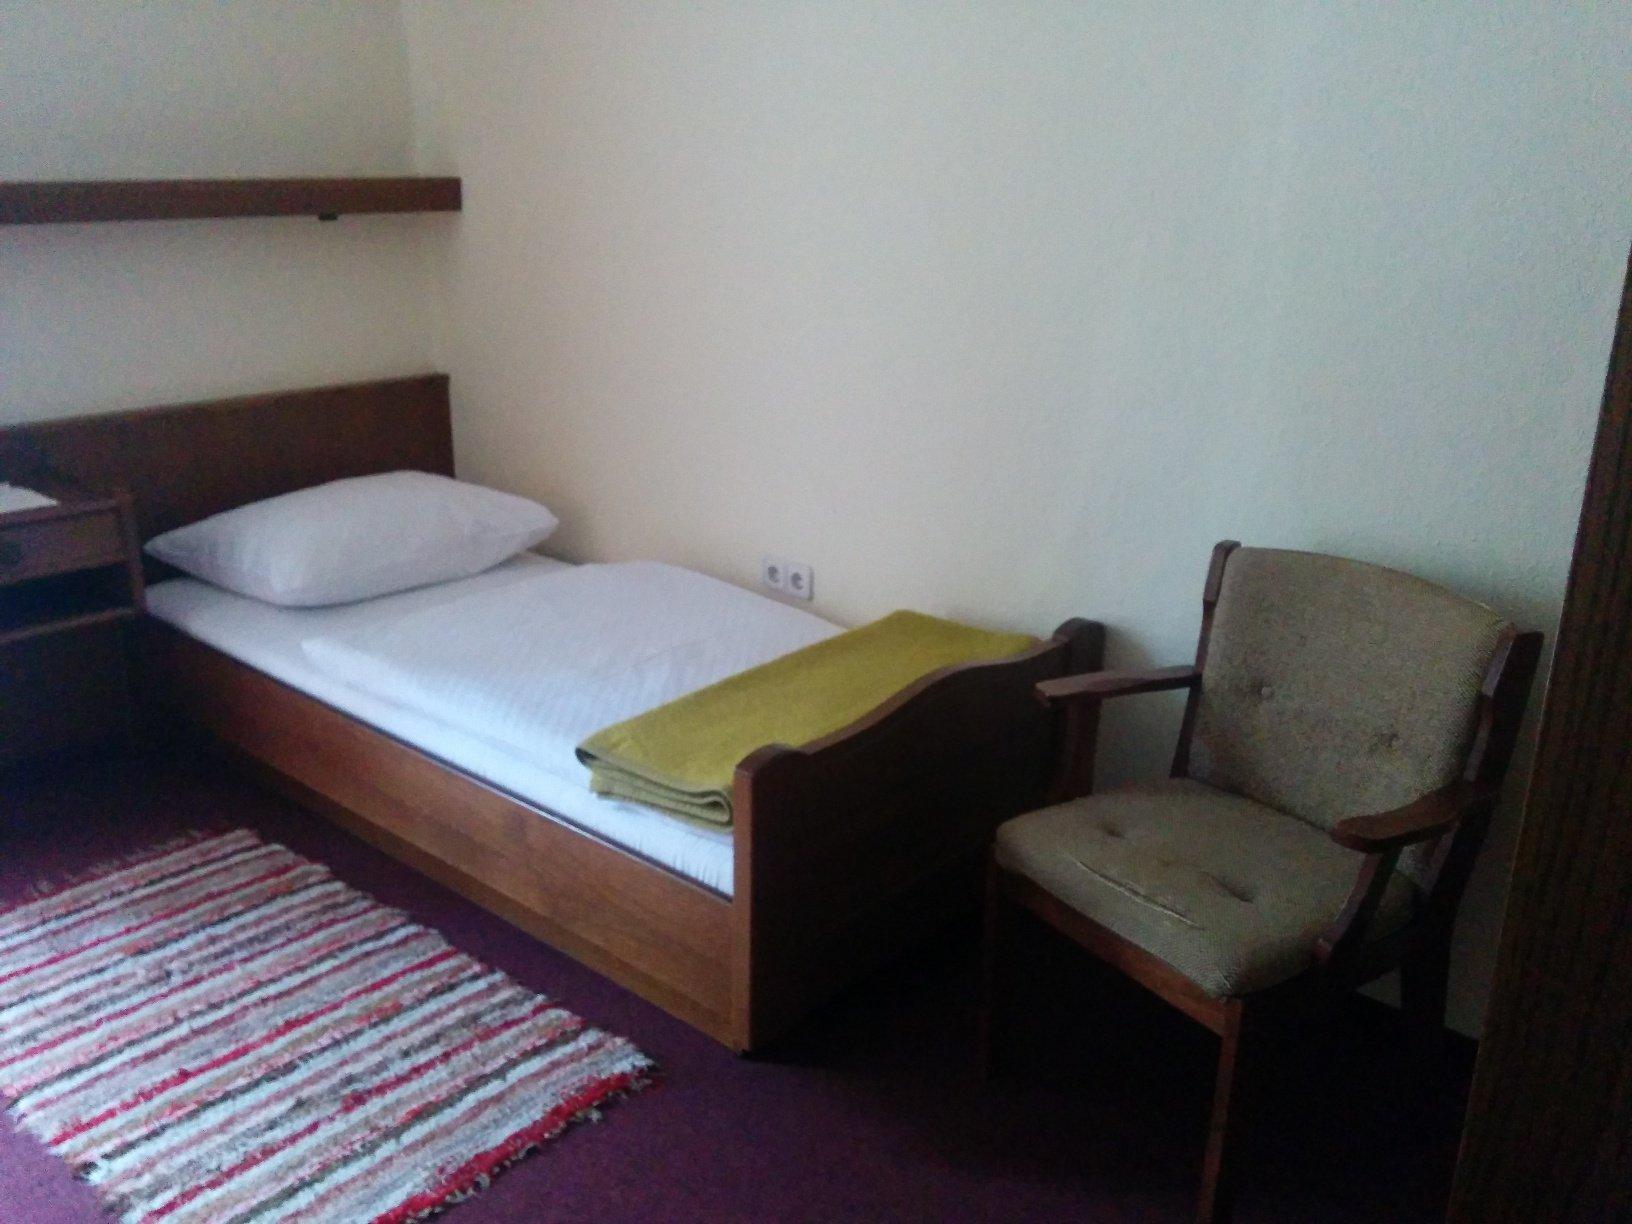 Mein Bett im Gasthof Meyer in Annaberg an der Via Sacra